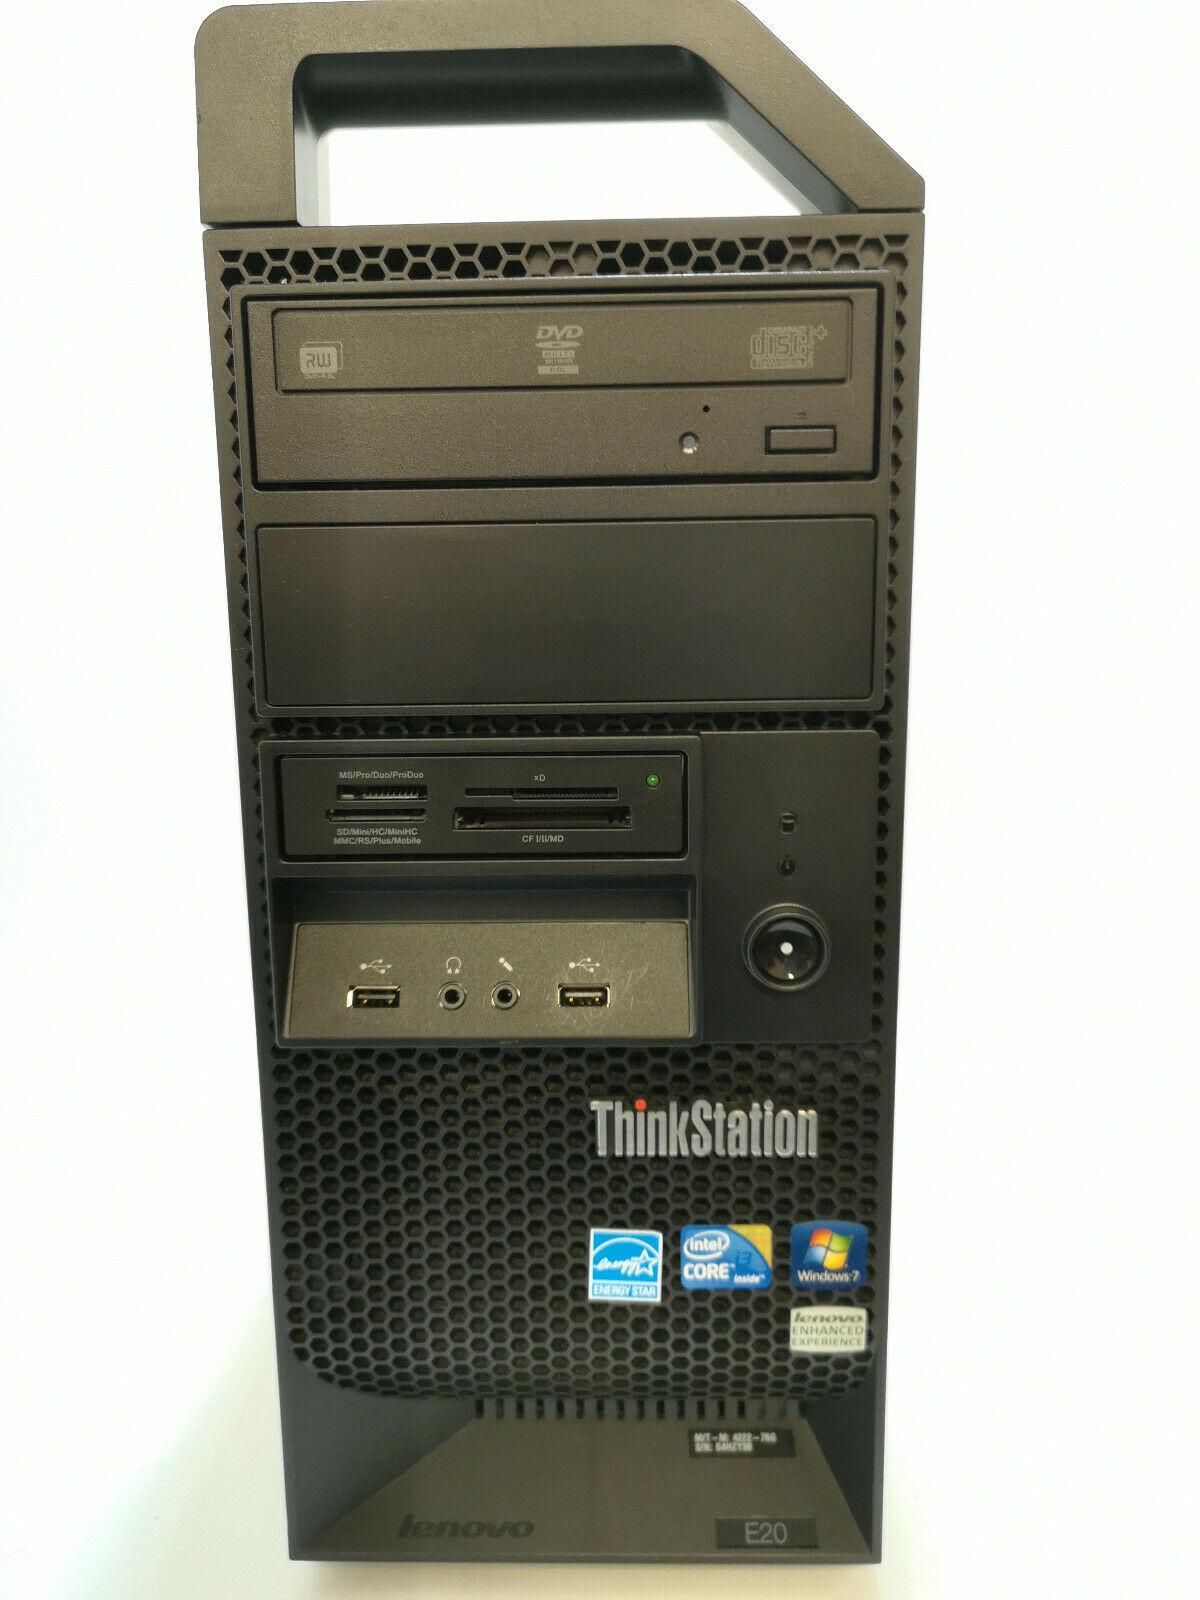 Lenovo ThinkStation E20 No 2